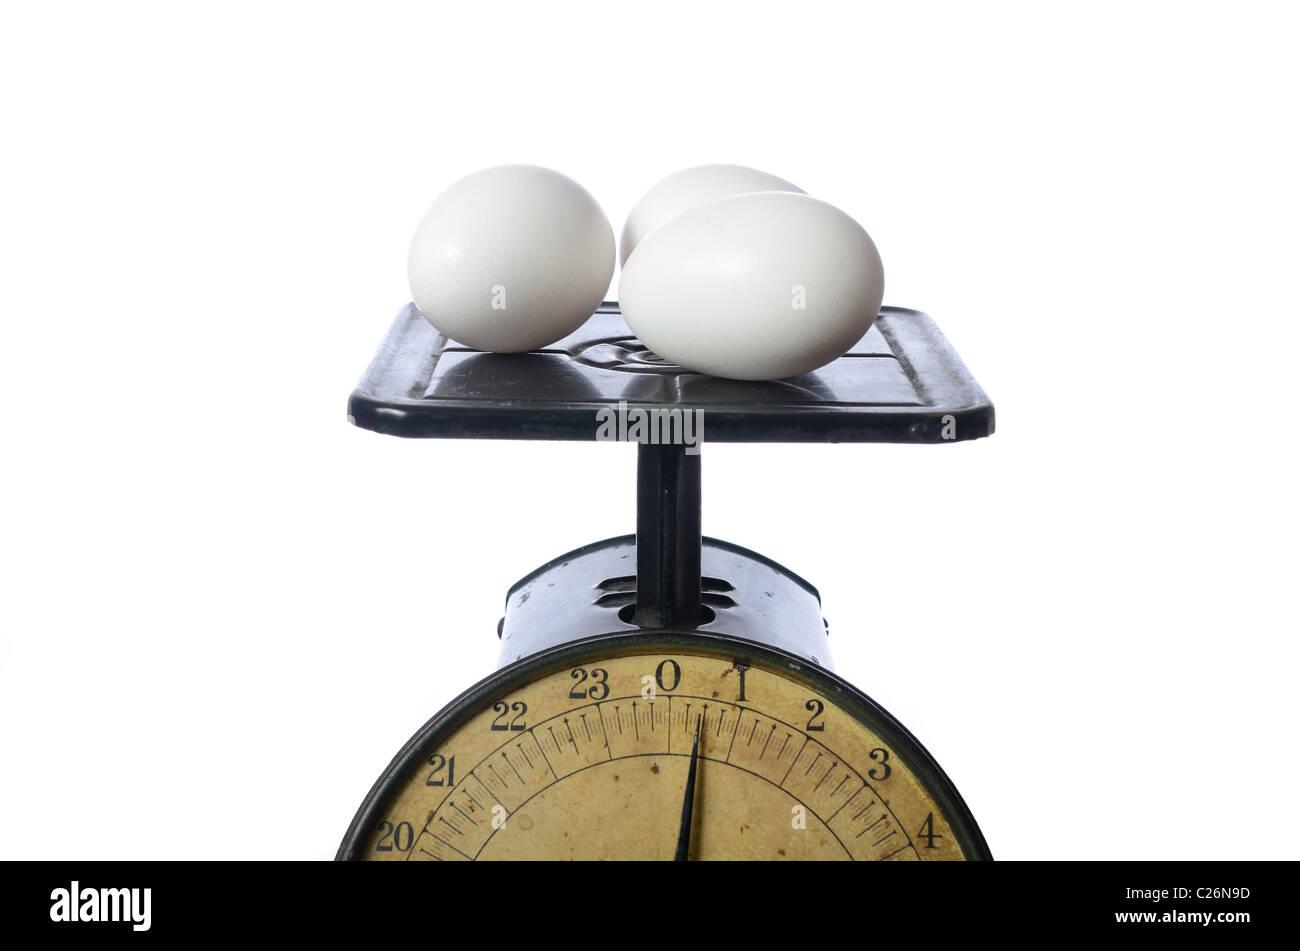 Les œufs de la pesée sur une échelle. Photo Stock